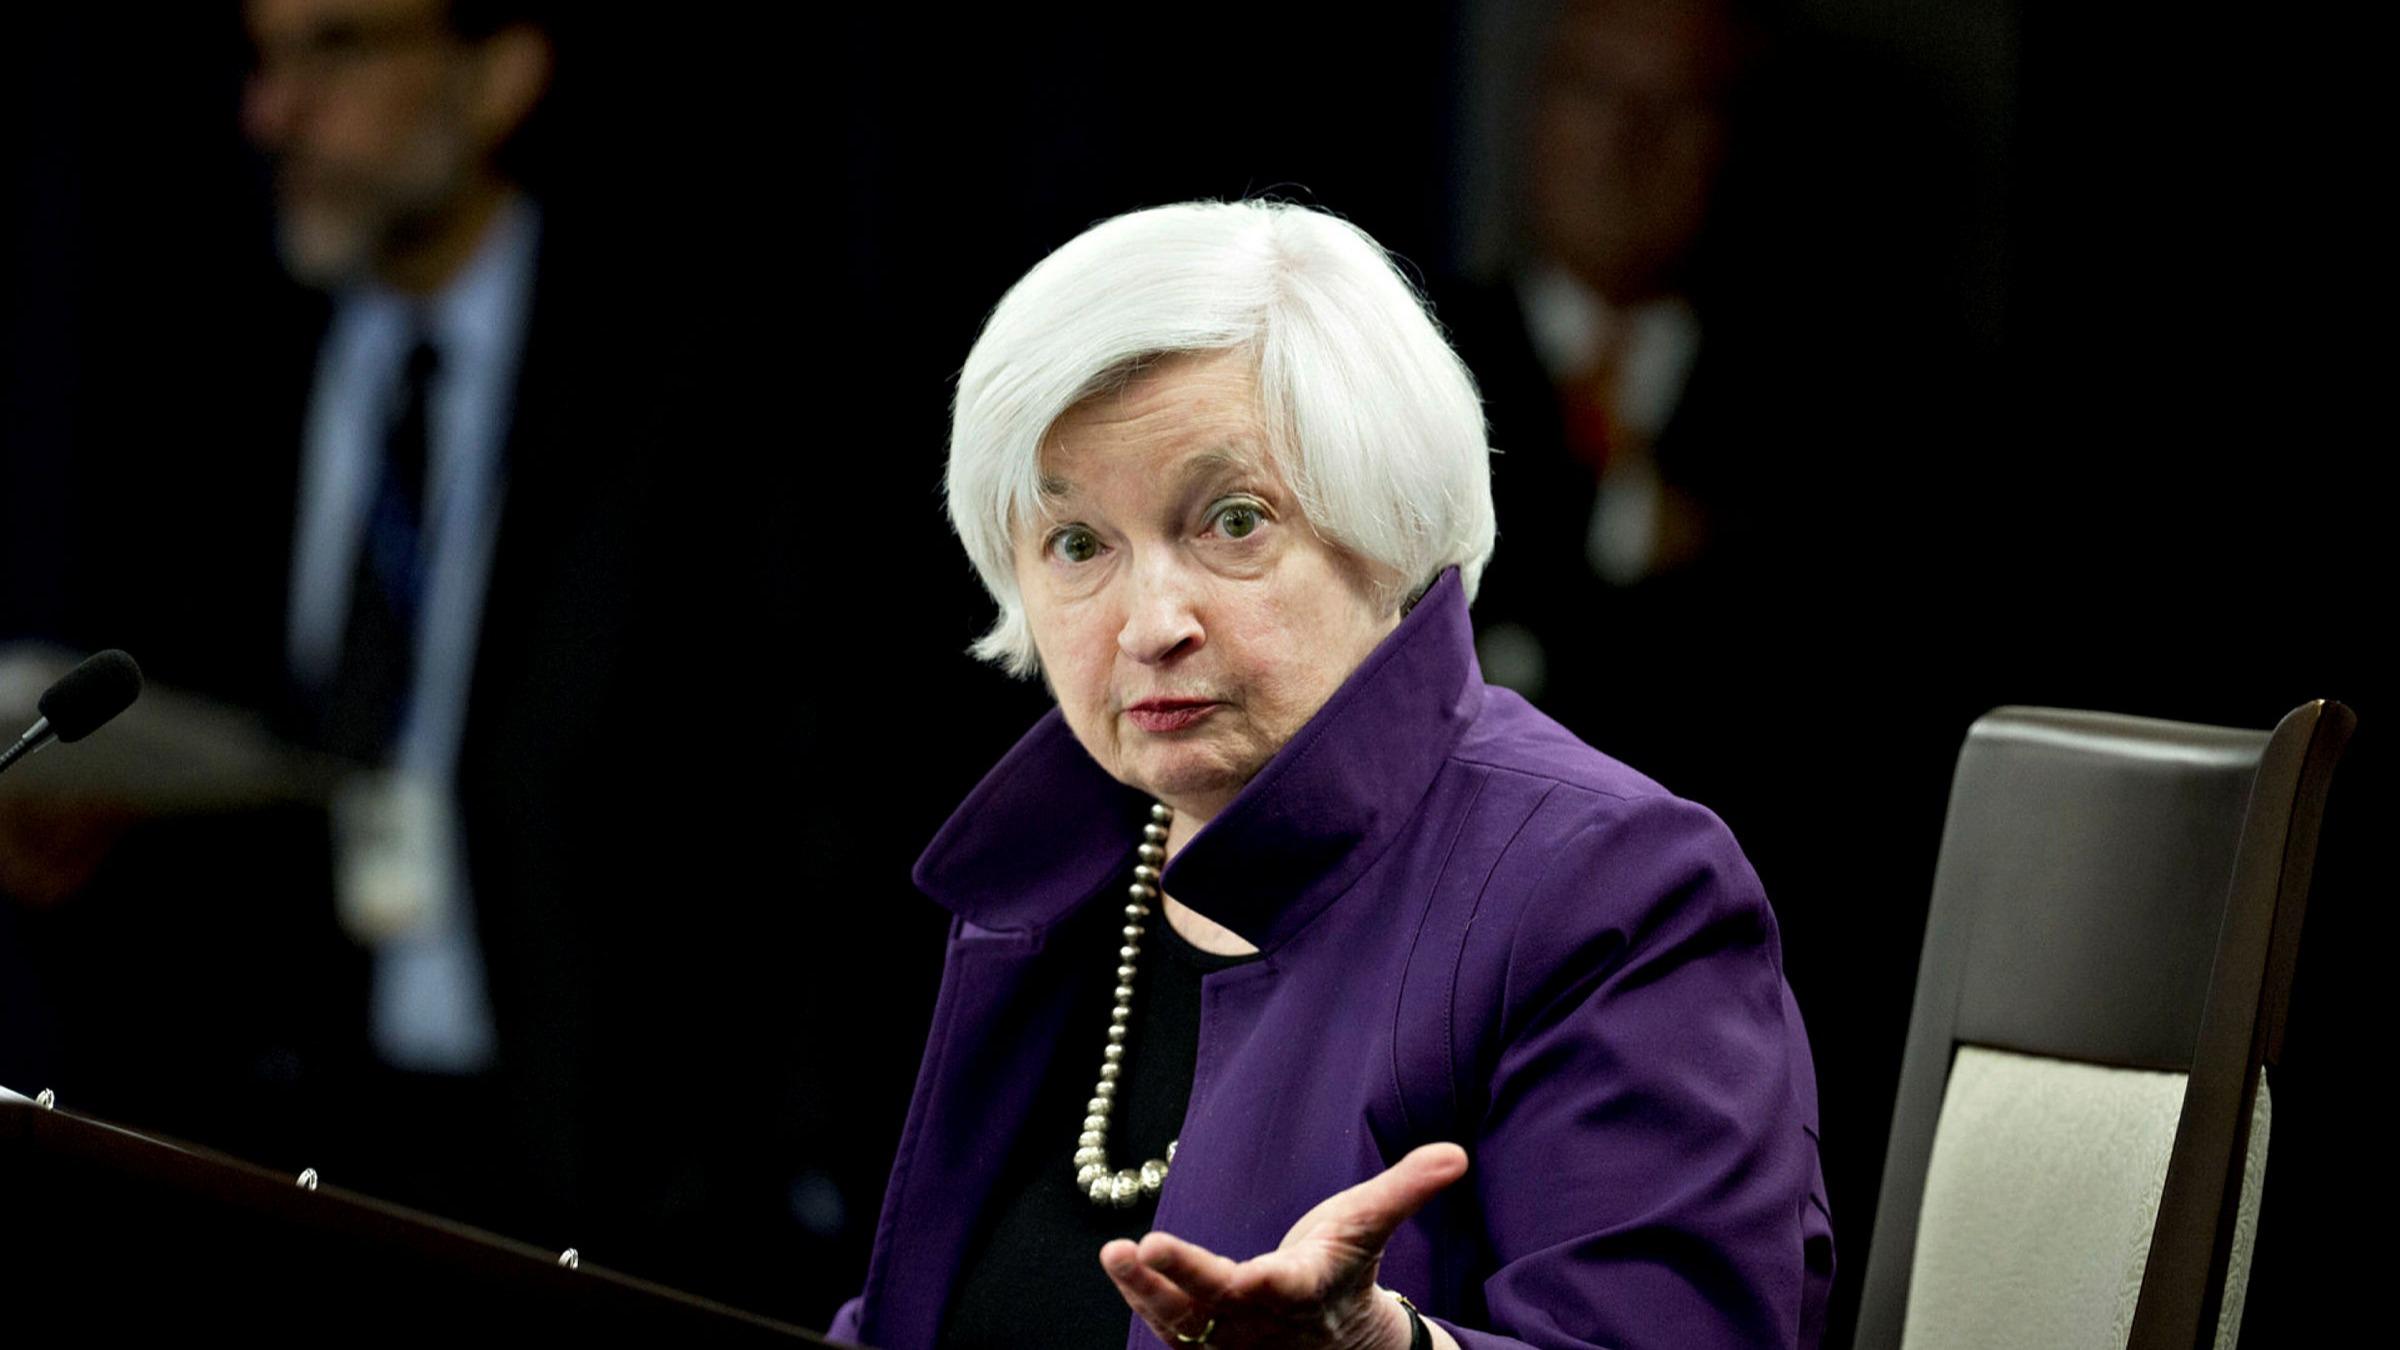 Janet Yellen'dan Bitcoin (BTC) Açıklaması: Spekülatif Olduğunun Bilincinde Olunmalı